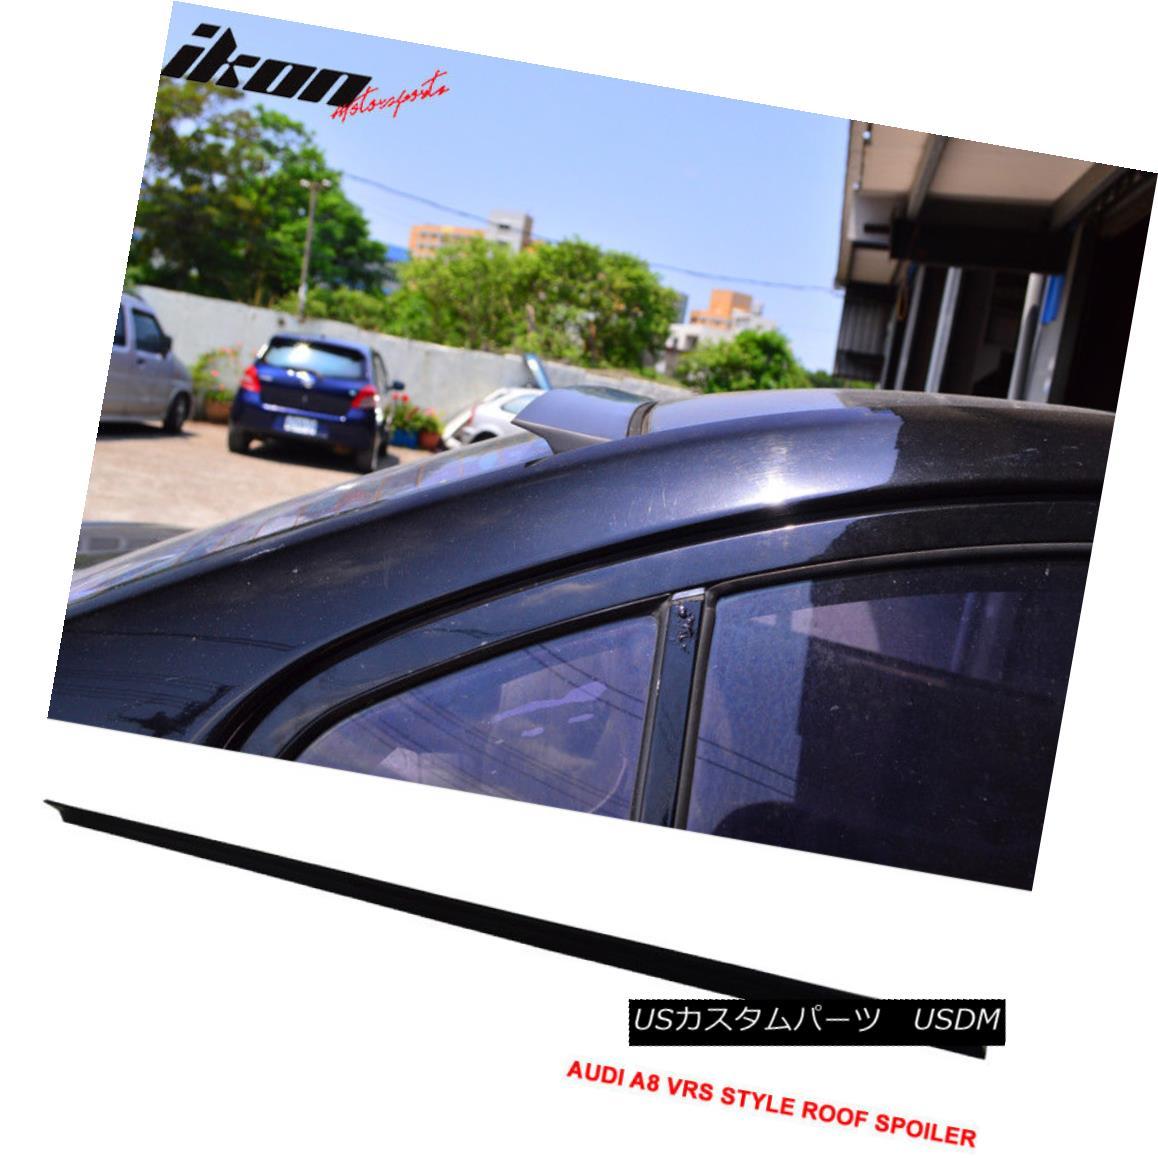 エアロパーツ 10-16 Audi A8 4H VRS Style Roof Spoiler Unpainted Black - PUF 10-16アウディA8 4H VRSスタイルルーフスポイラー無塗装黒 - PUF